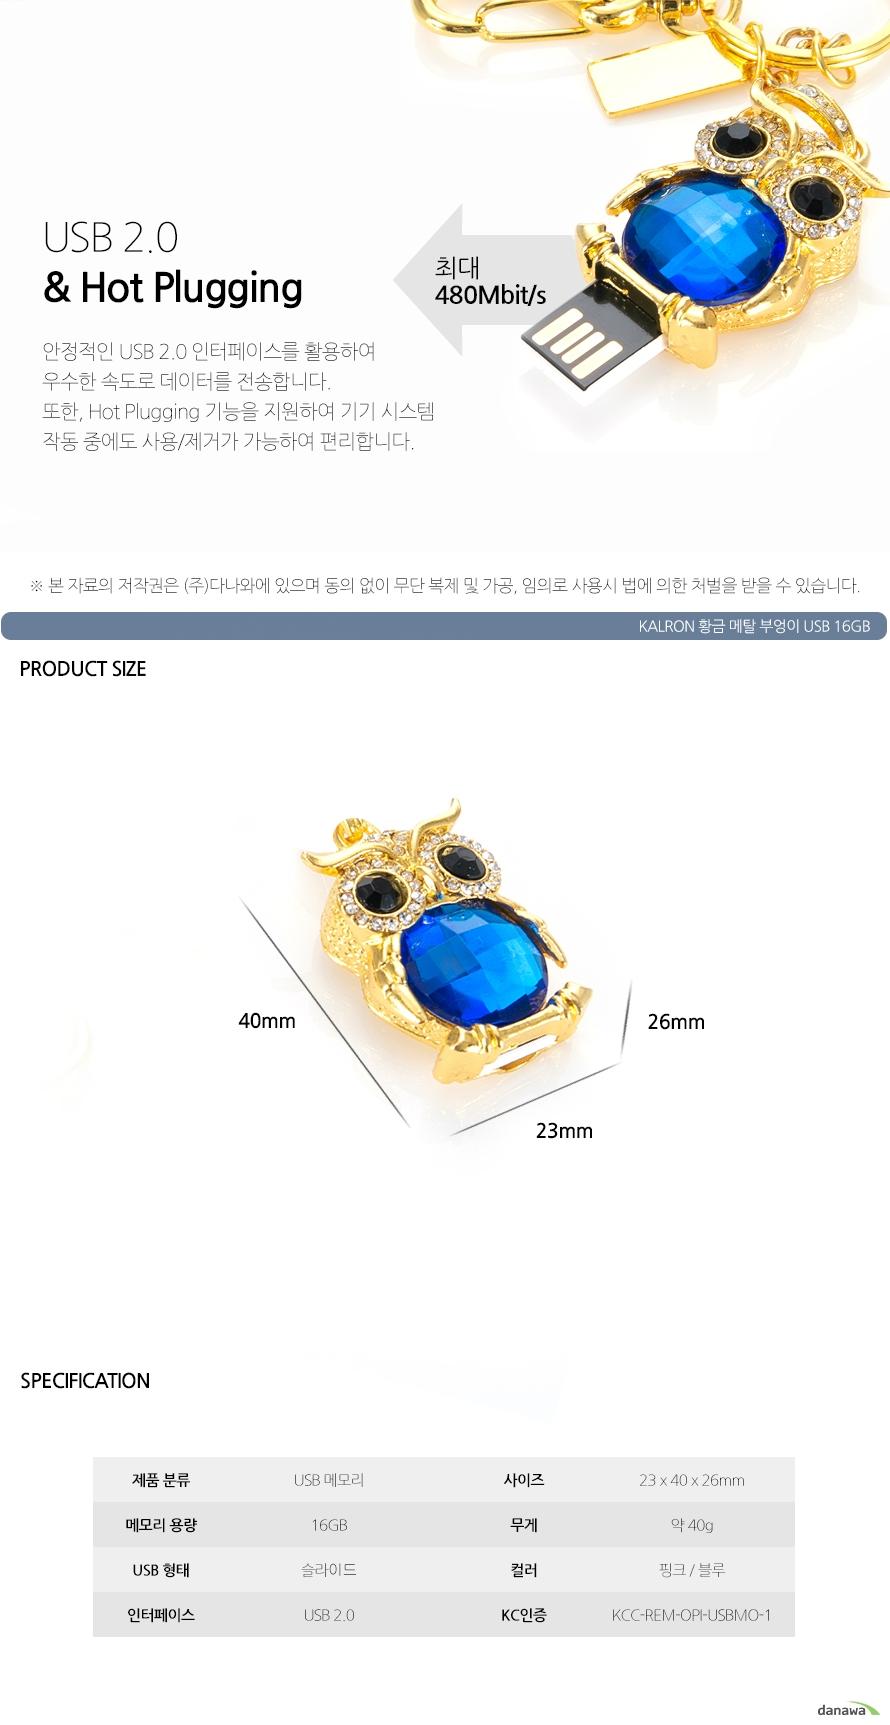 [촬영상품] 오피아컴 Kalron 황금 메탈 부엉이 USB (16GB)